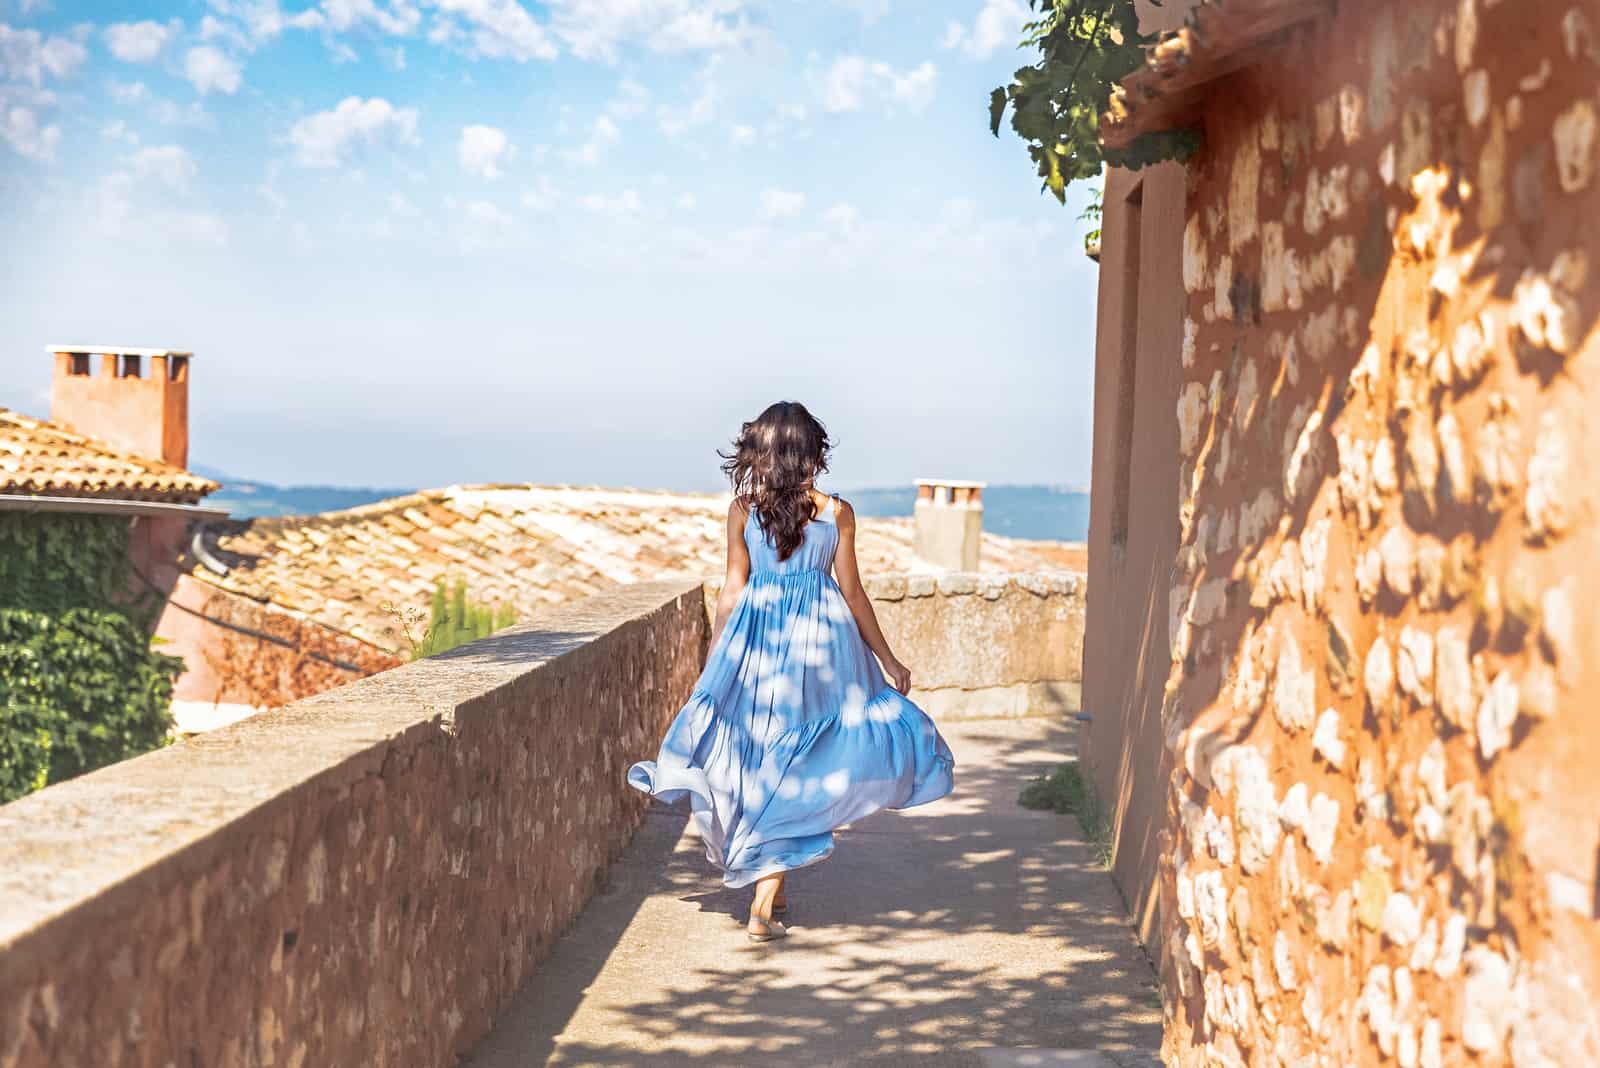 Hübsche junge Frau im blauen Kleid